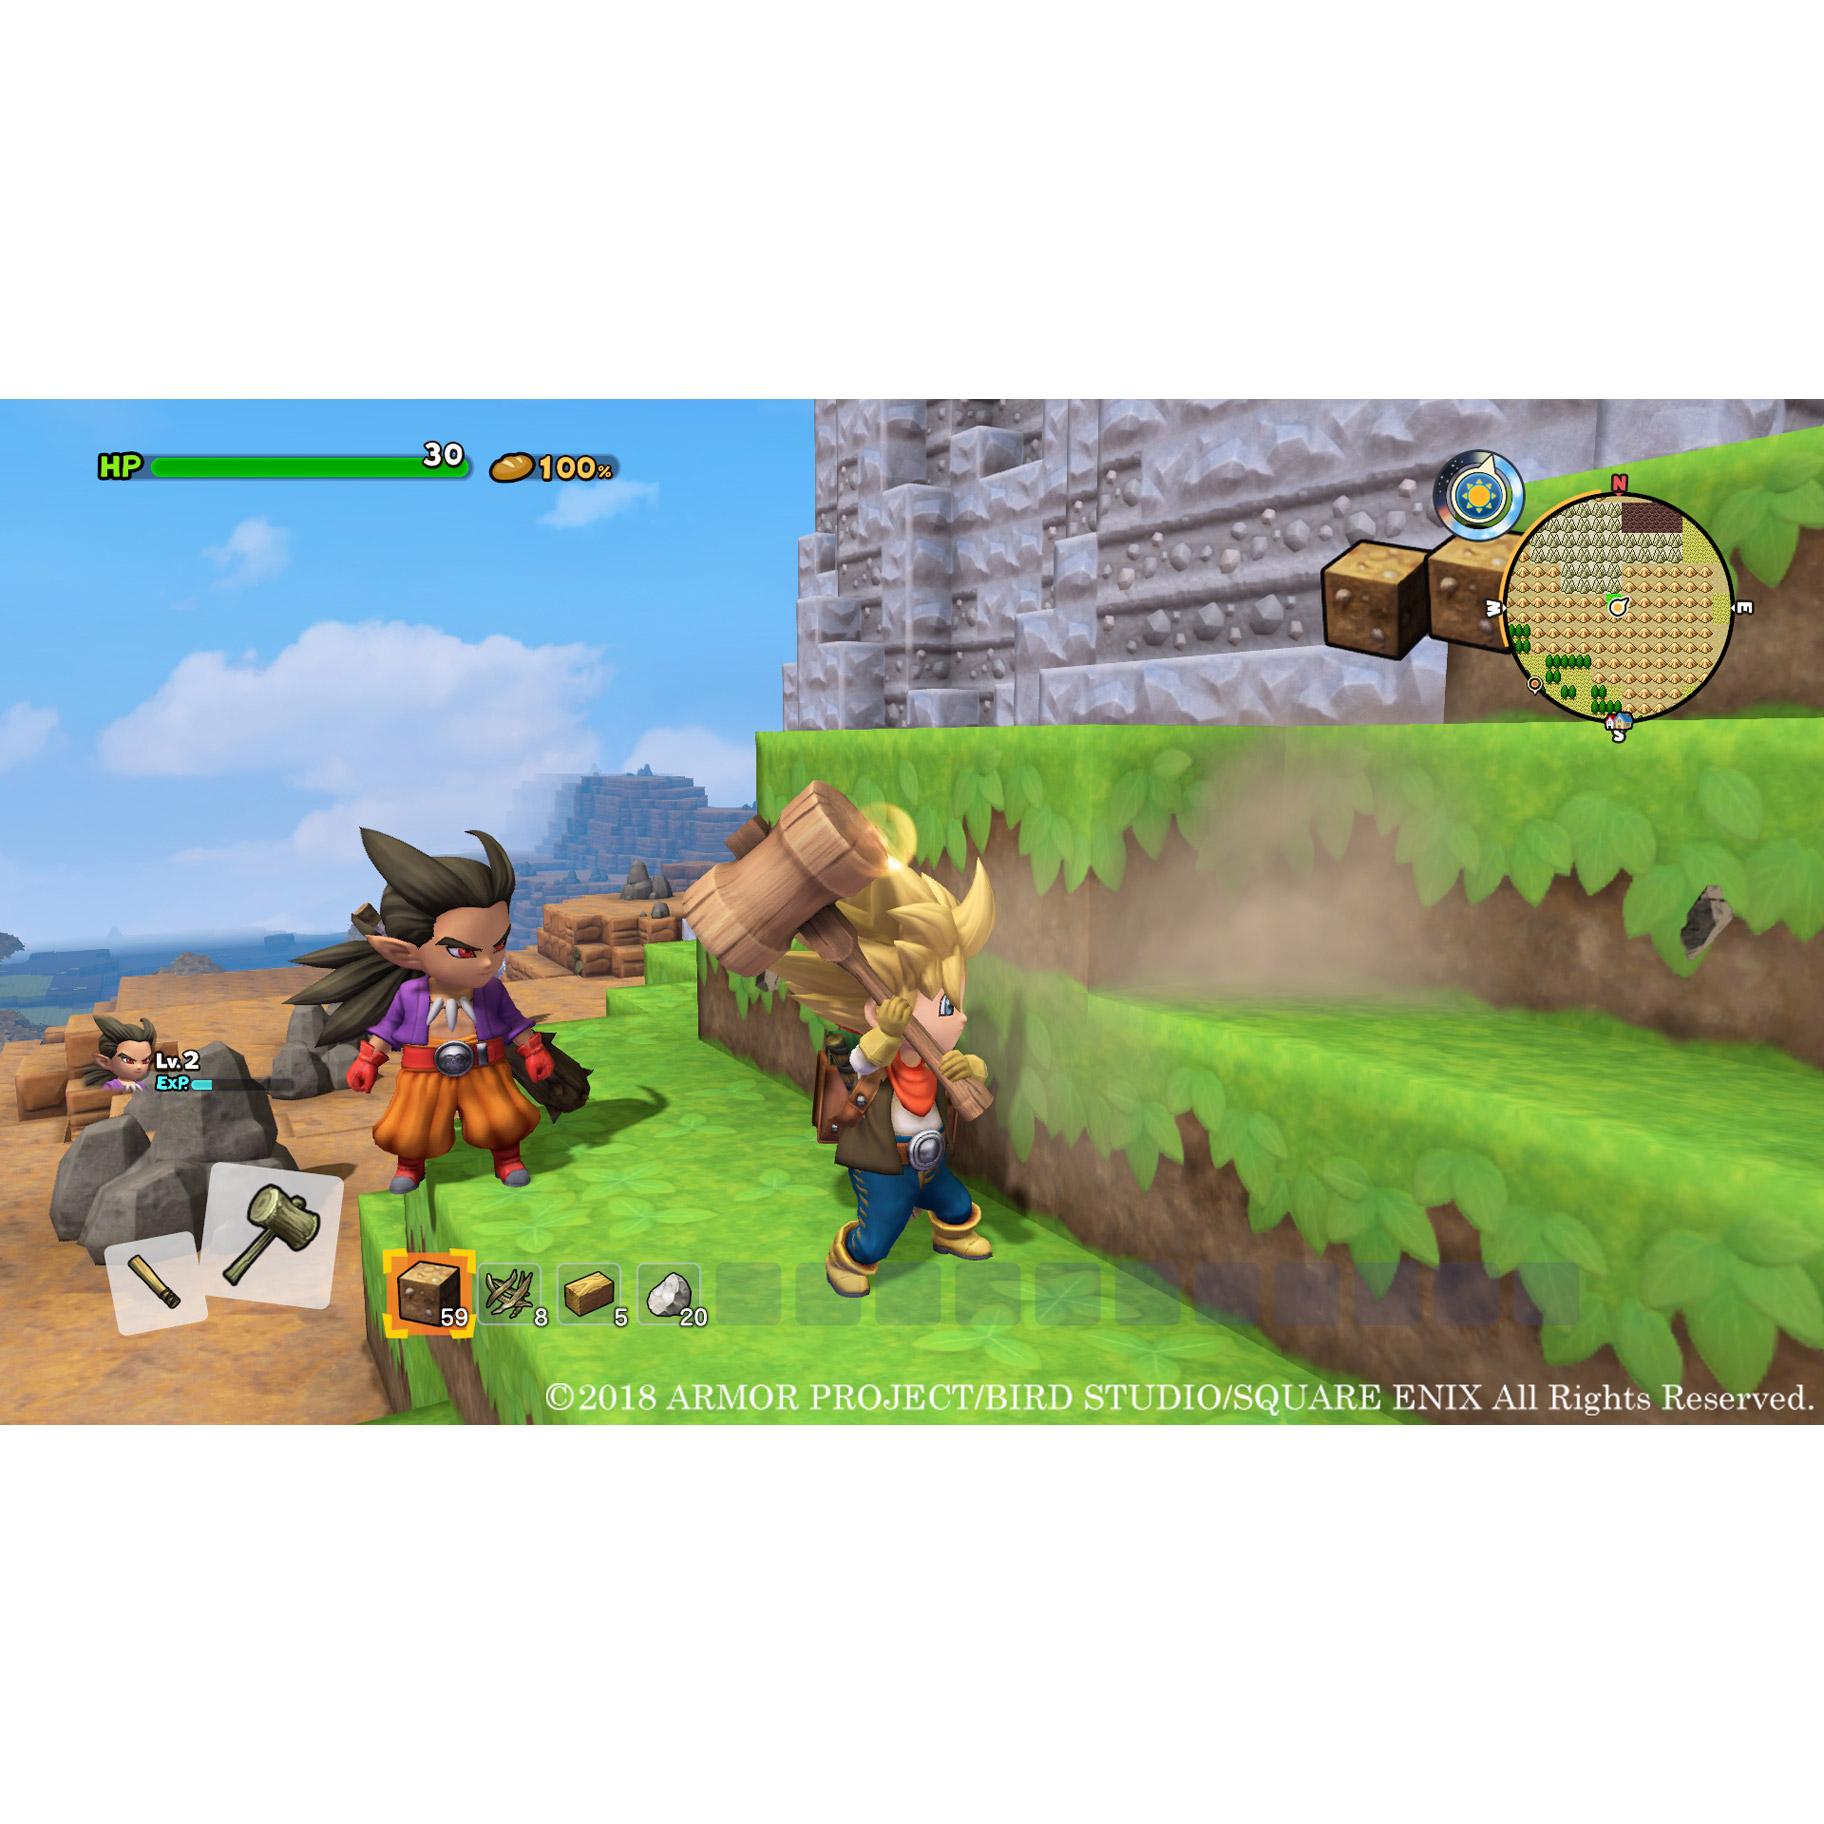 〔新価格版〕ドラゴンクエストビルダーズ2 破壊神シドーとからっぽの島 【PS4ゲームソフト】_5